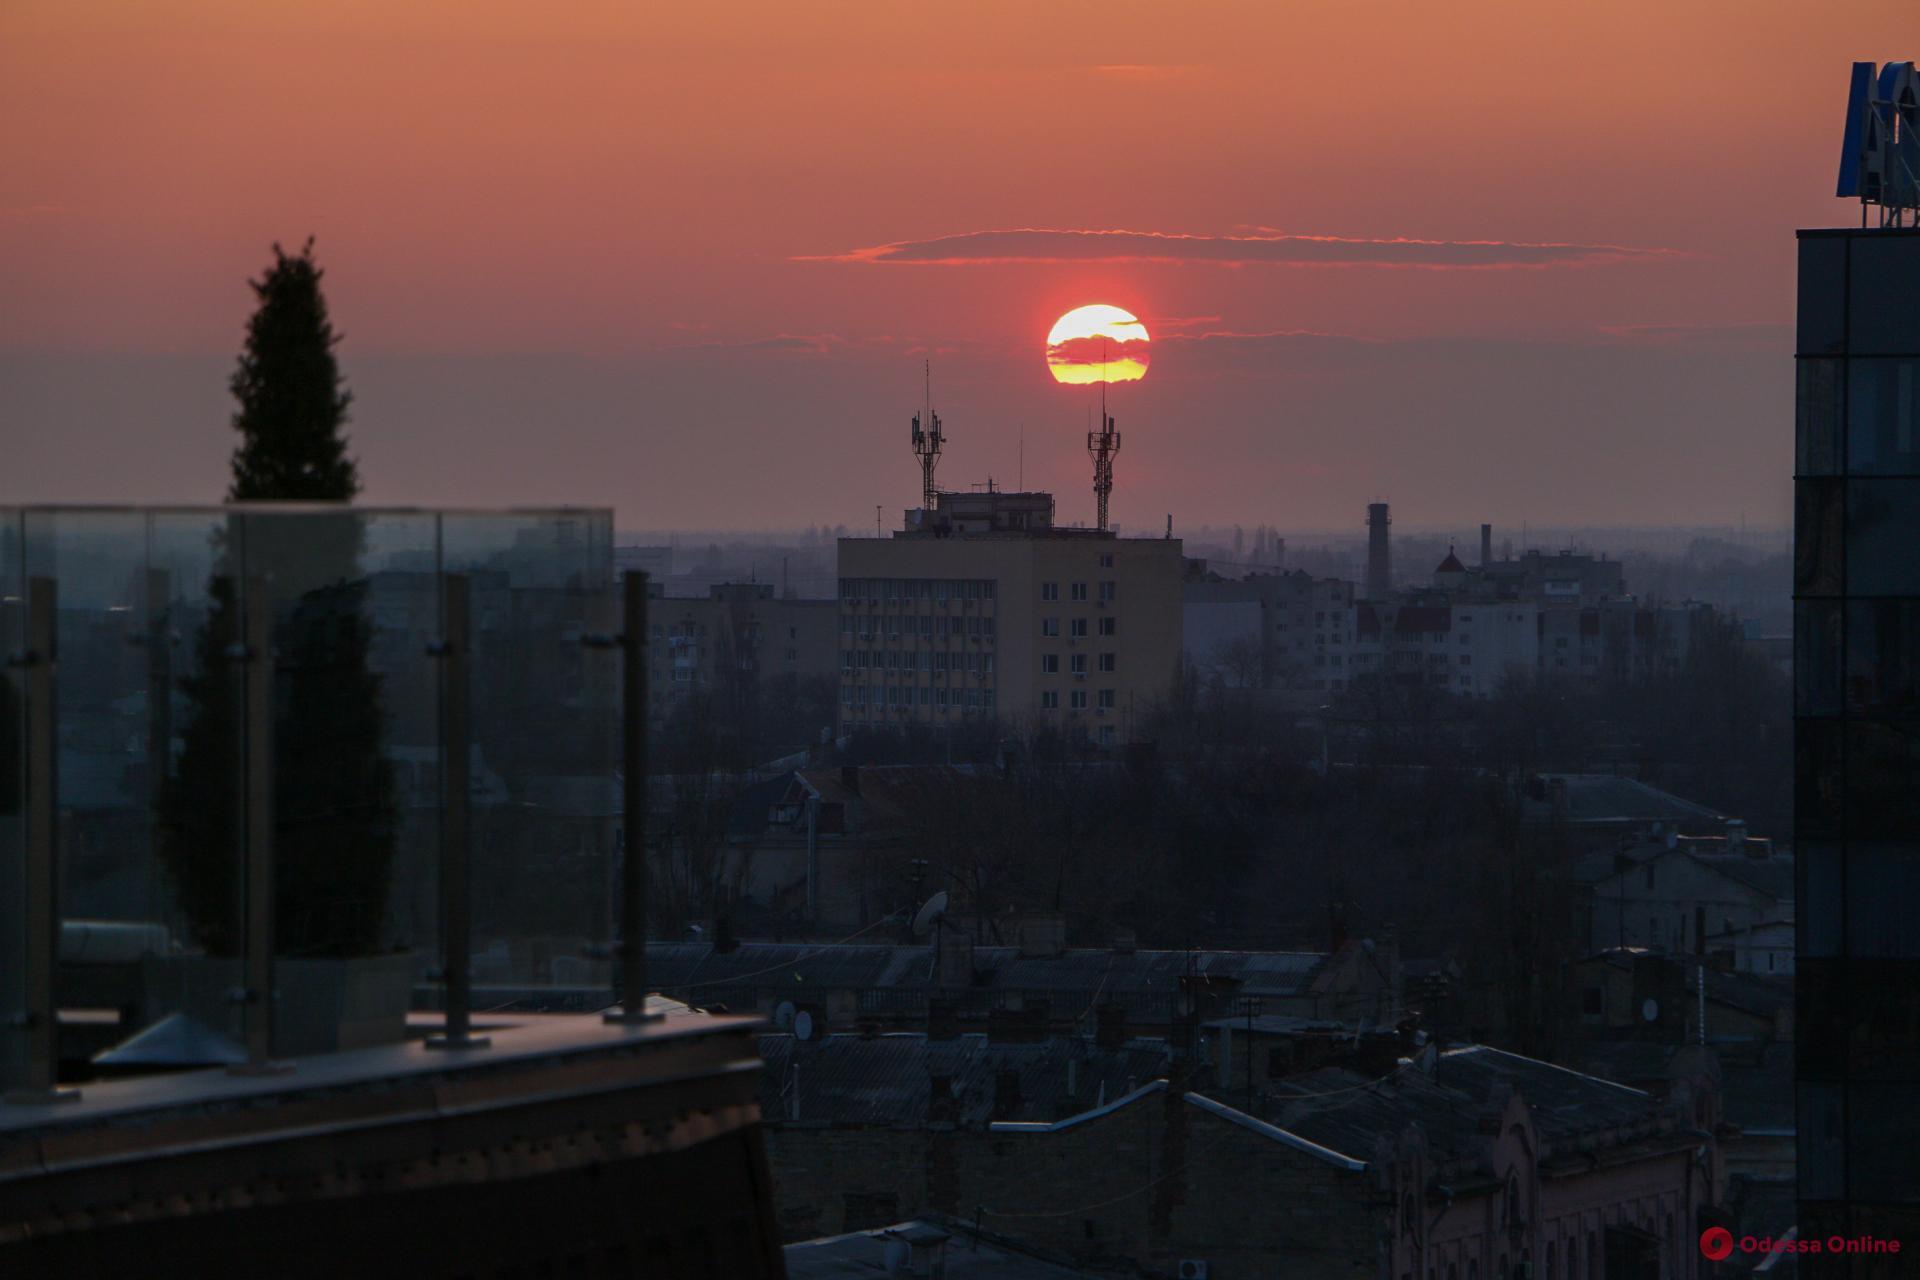 В последний день зимы одесситы насладились красочным закатом (фоторепортаж)